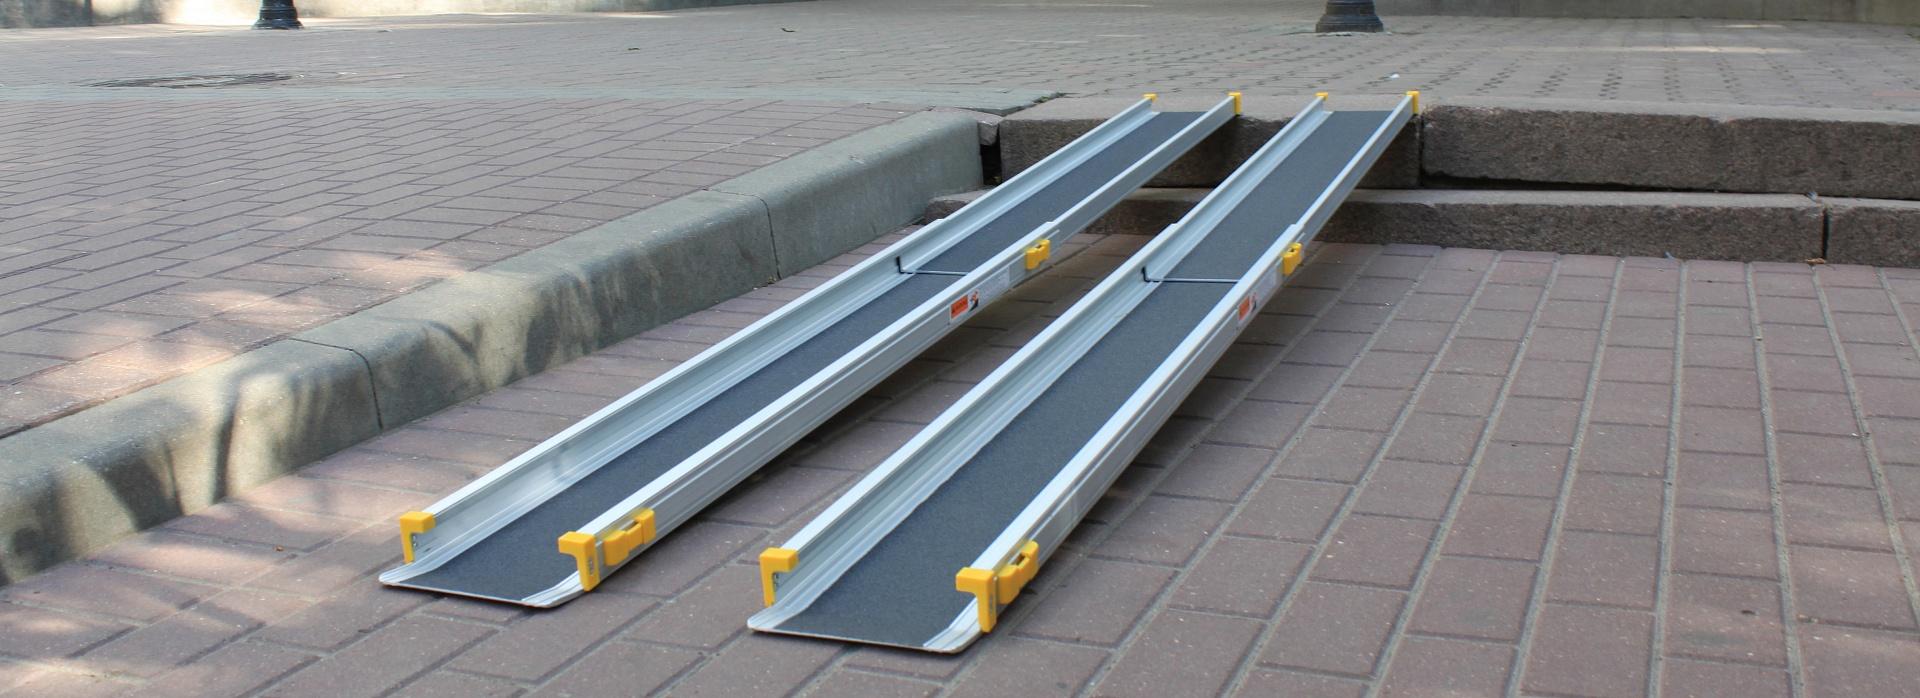 Пандус для коляски в подъезде закон требования и нормы